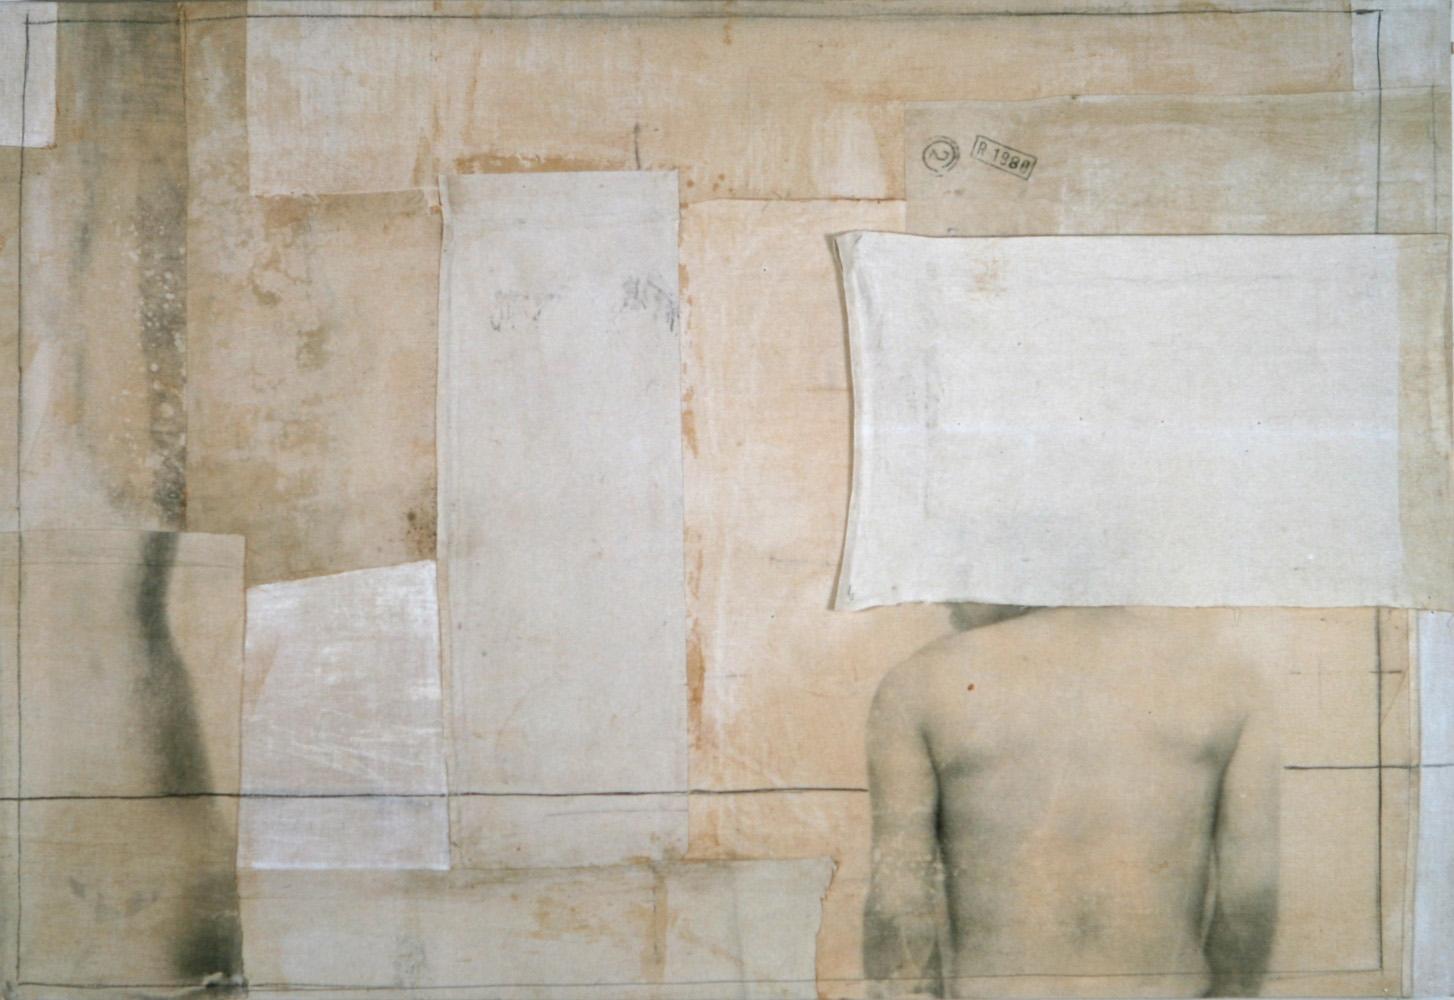 Senza titolo, 1997  Emulsione fotografica su tela montata su legno  cm. 110 x 160